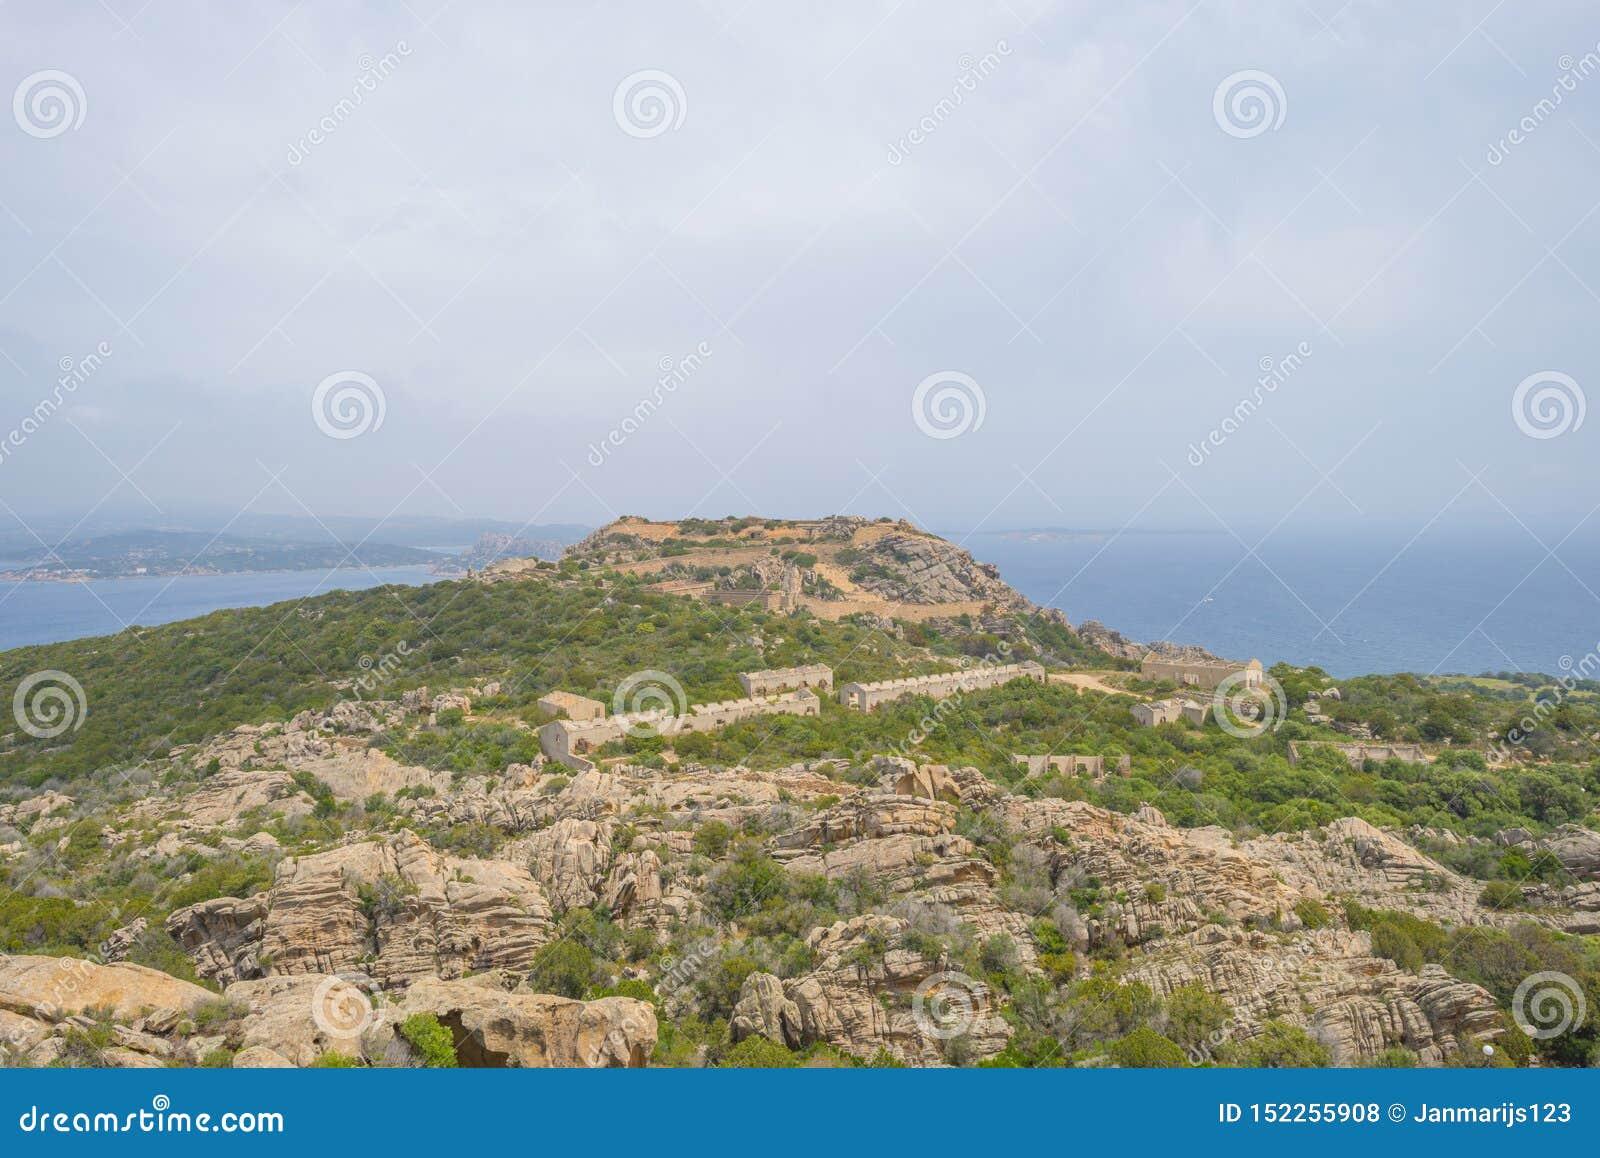 Paisaje escénico de colinas verdes y de montañas rocosas de la isla de Cerdeña